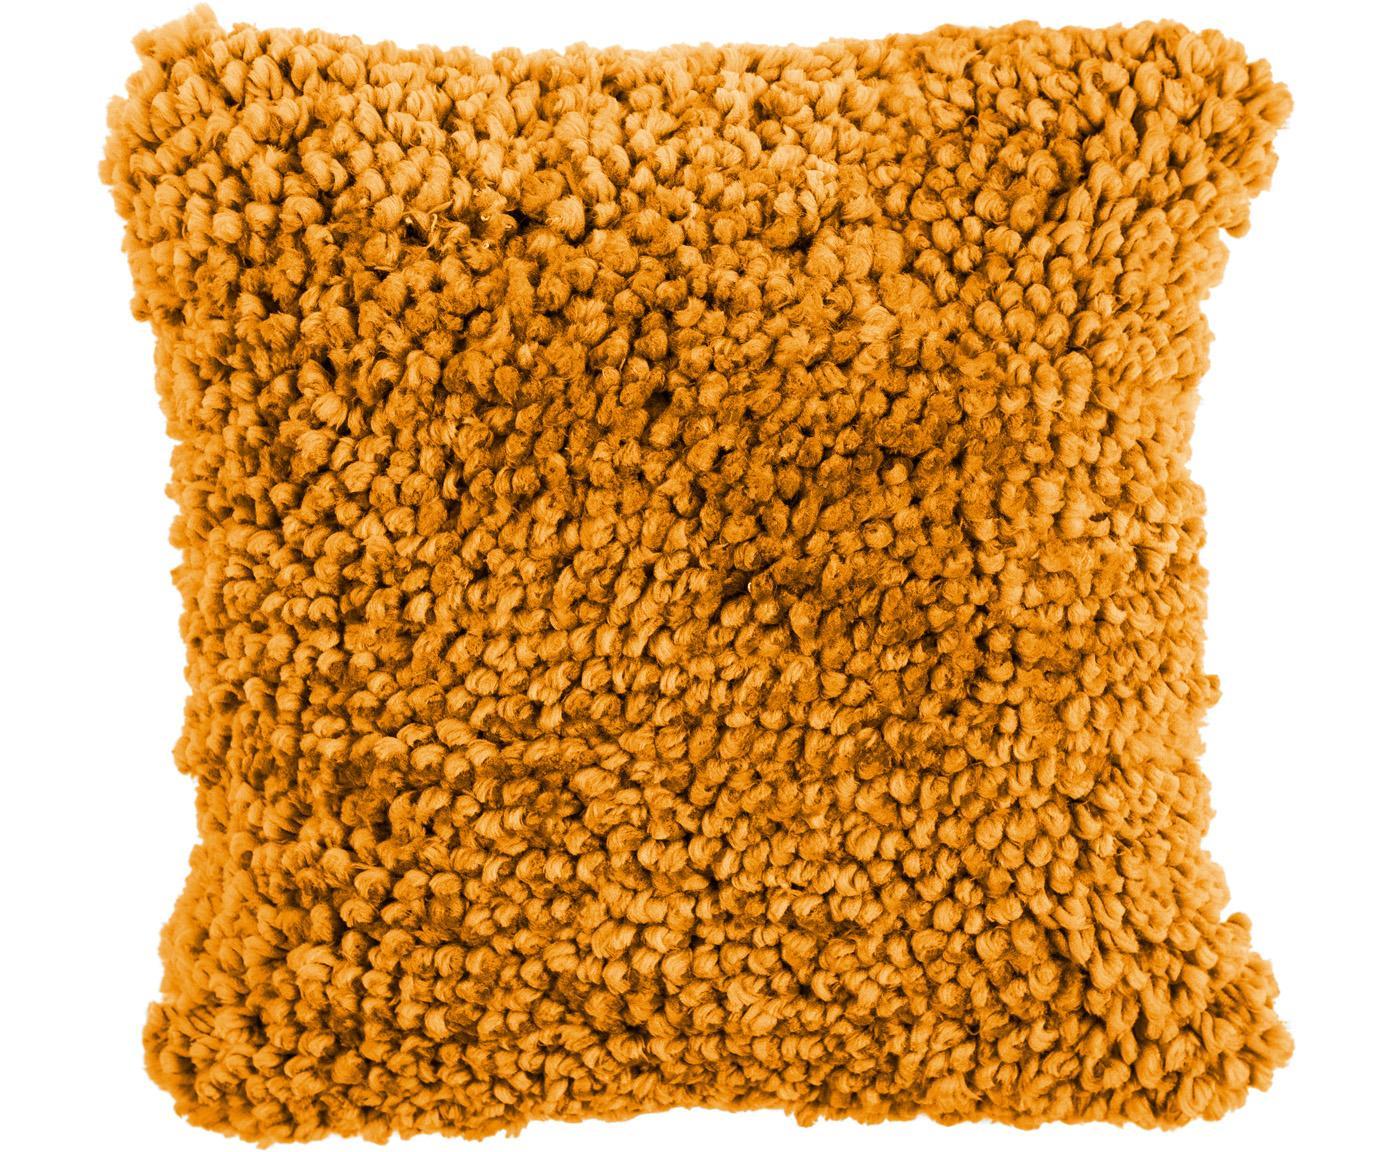 Kissen Oscar in Gelb, mit Inlett, Bezug: 95% Baumwolle, 5% Acryl, Ockergelb, 50 x 50 cm